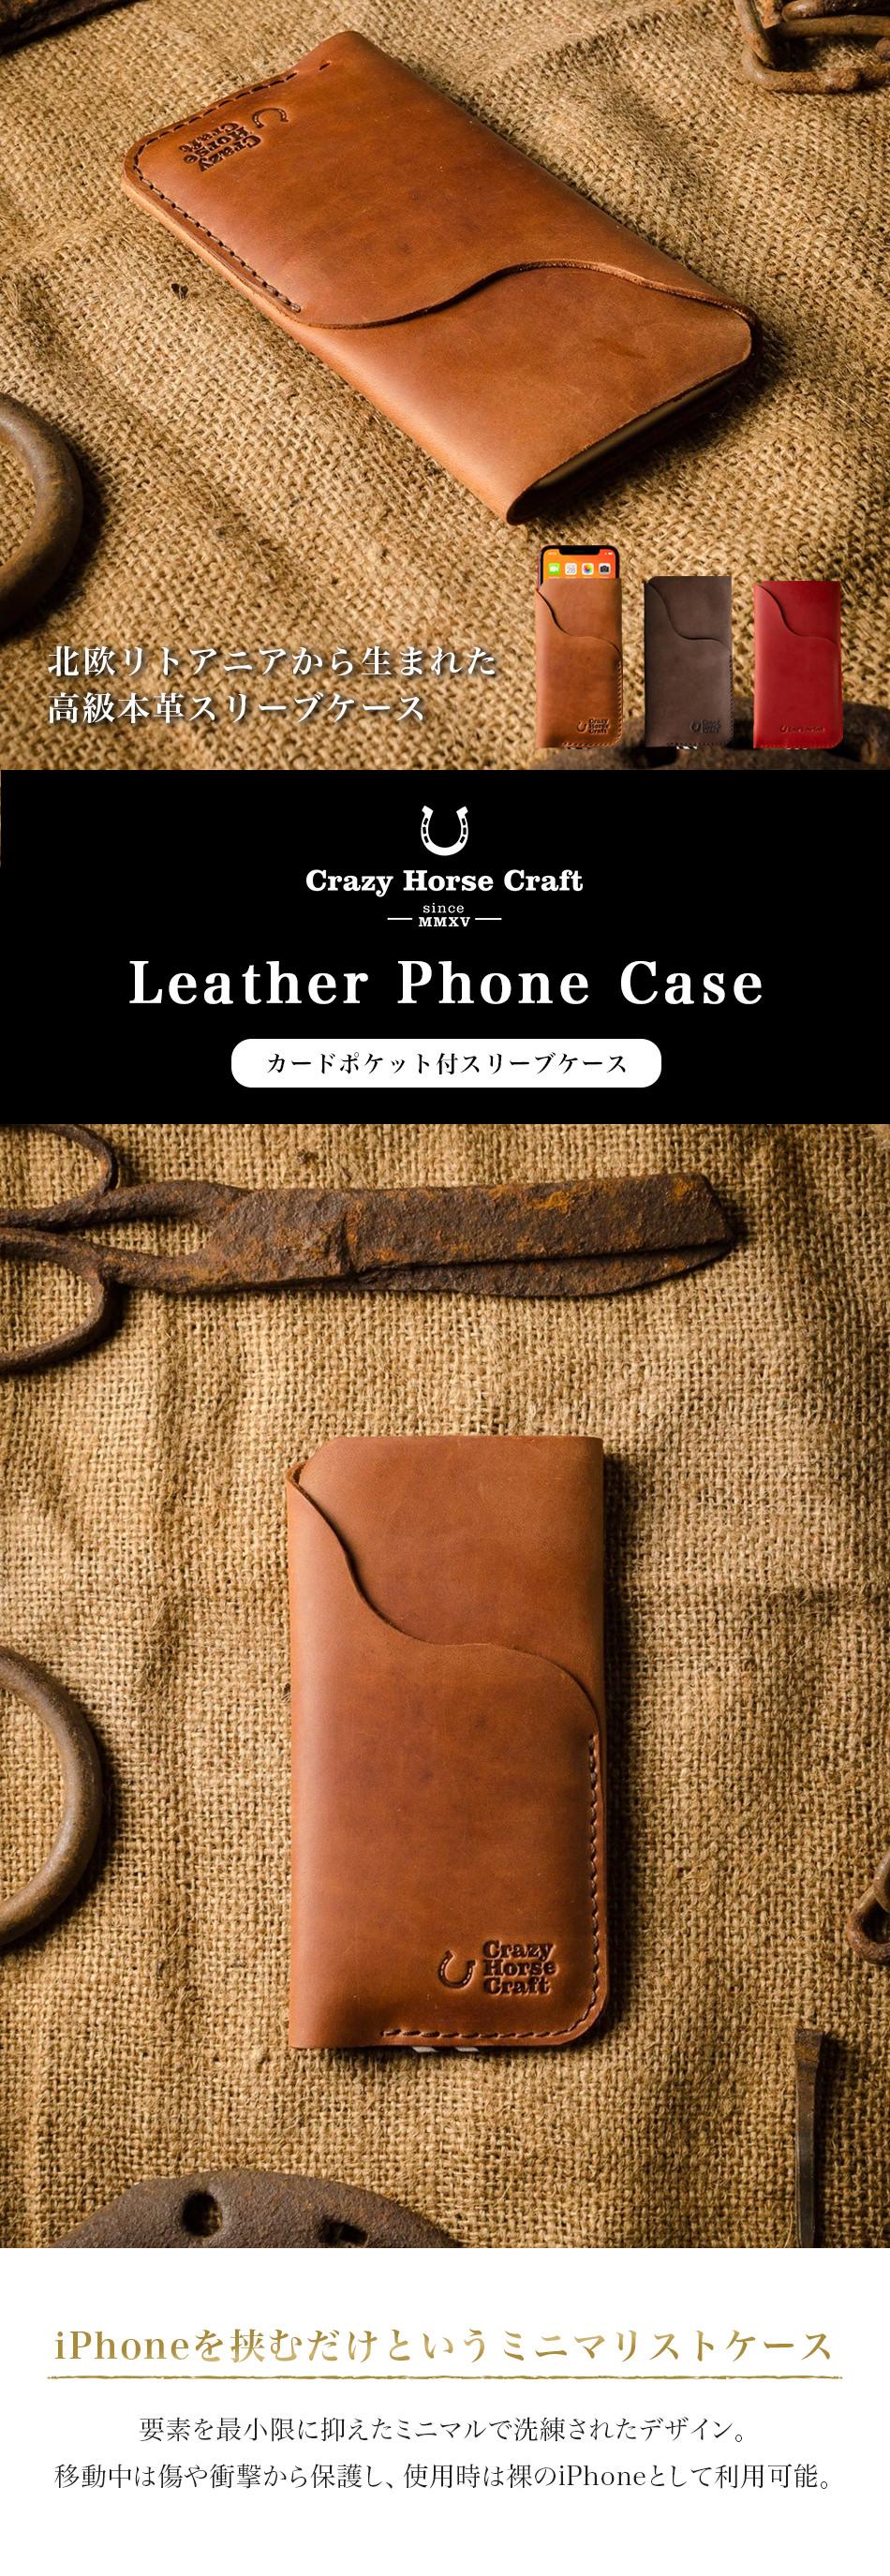 日本初上陸!北欧リトアニアブランド Crazy Horse Craft